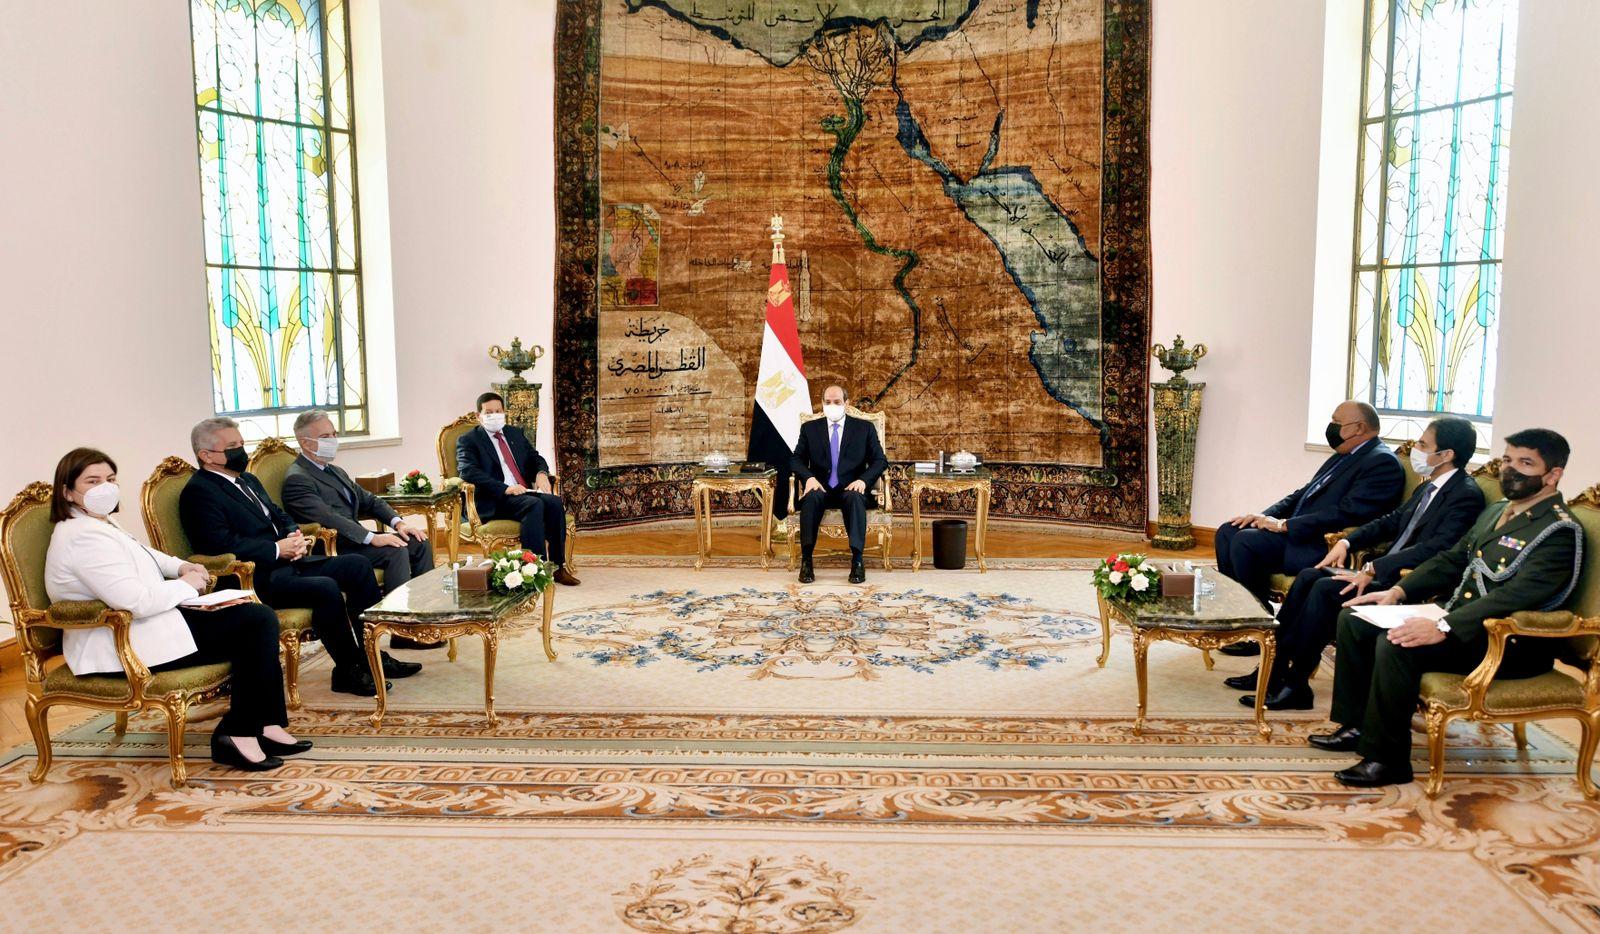 الرئيس السيسي ونائب الرئيس البرازيلي يتفقان على التعاون العسكري والتجاري والاستفادة من فرص الاستثمار بمصر